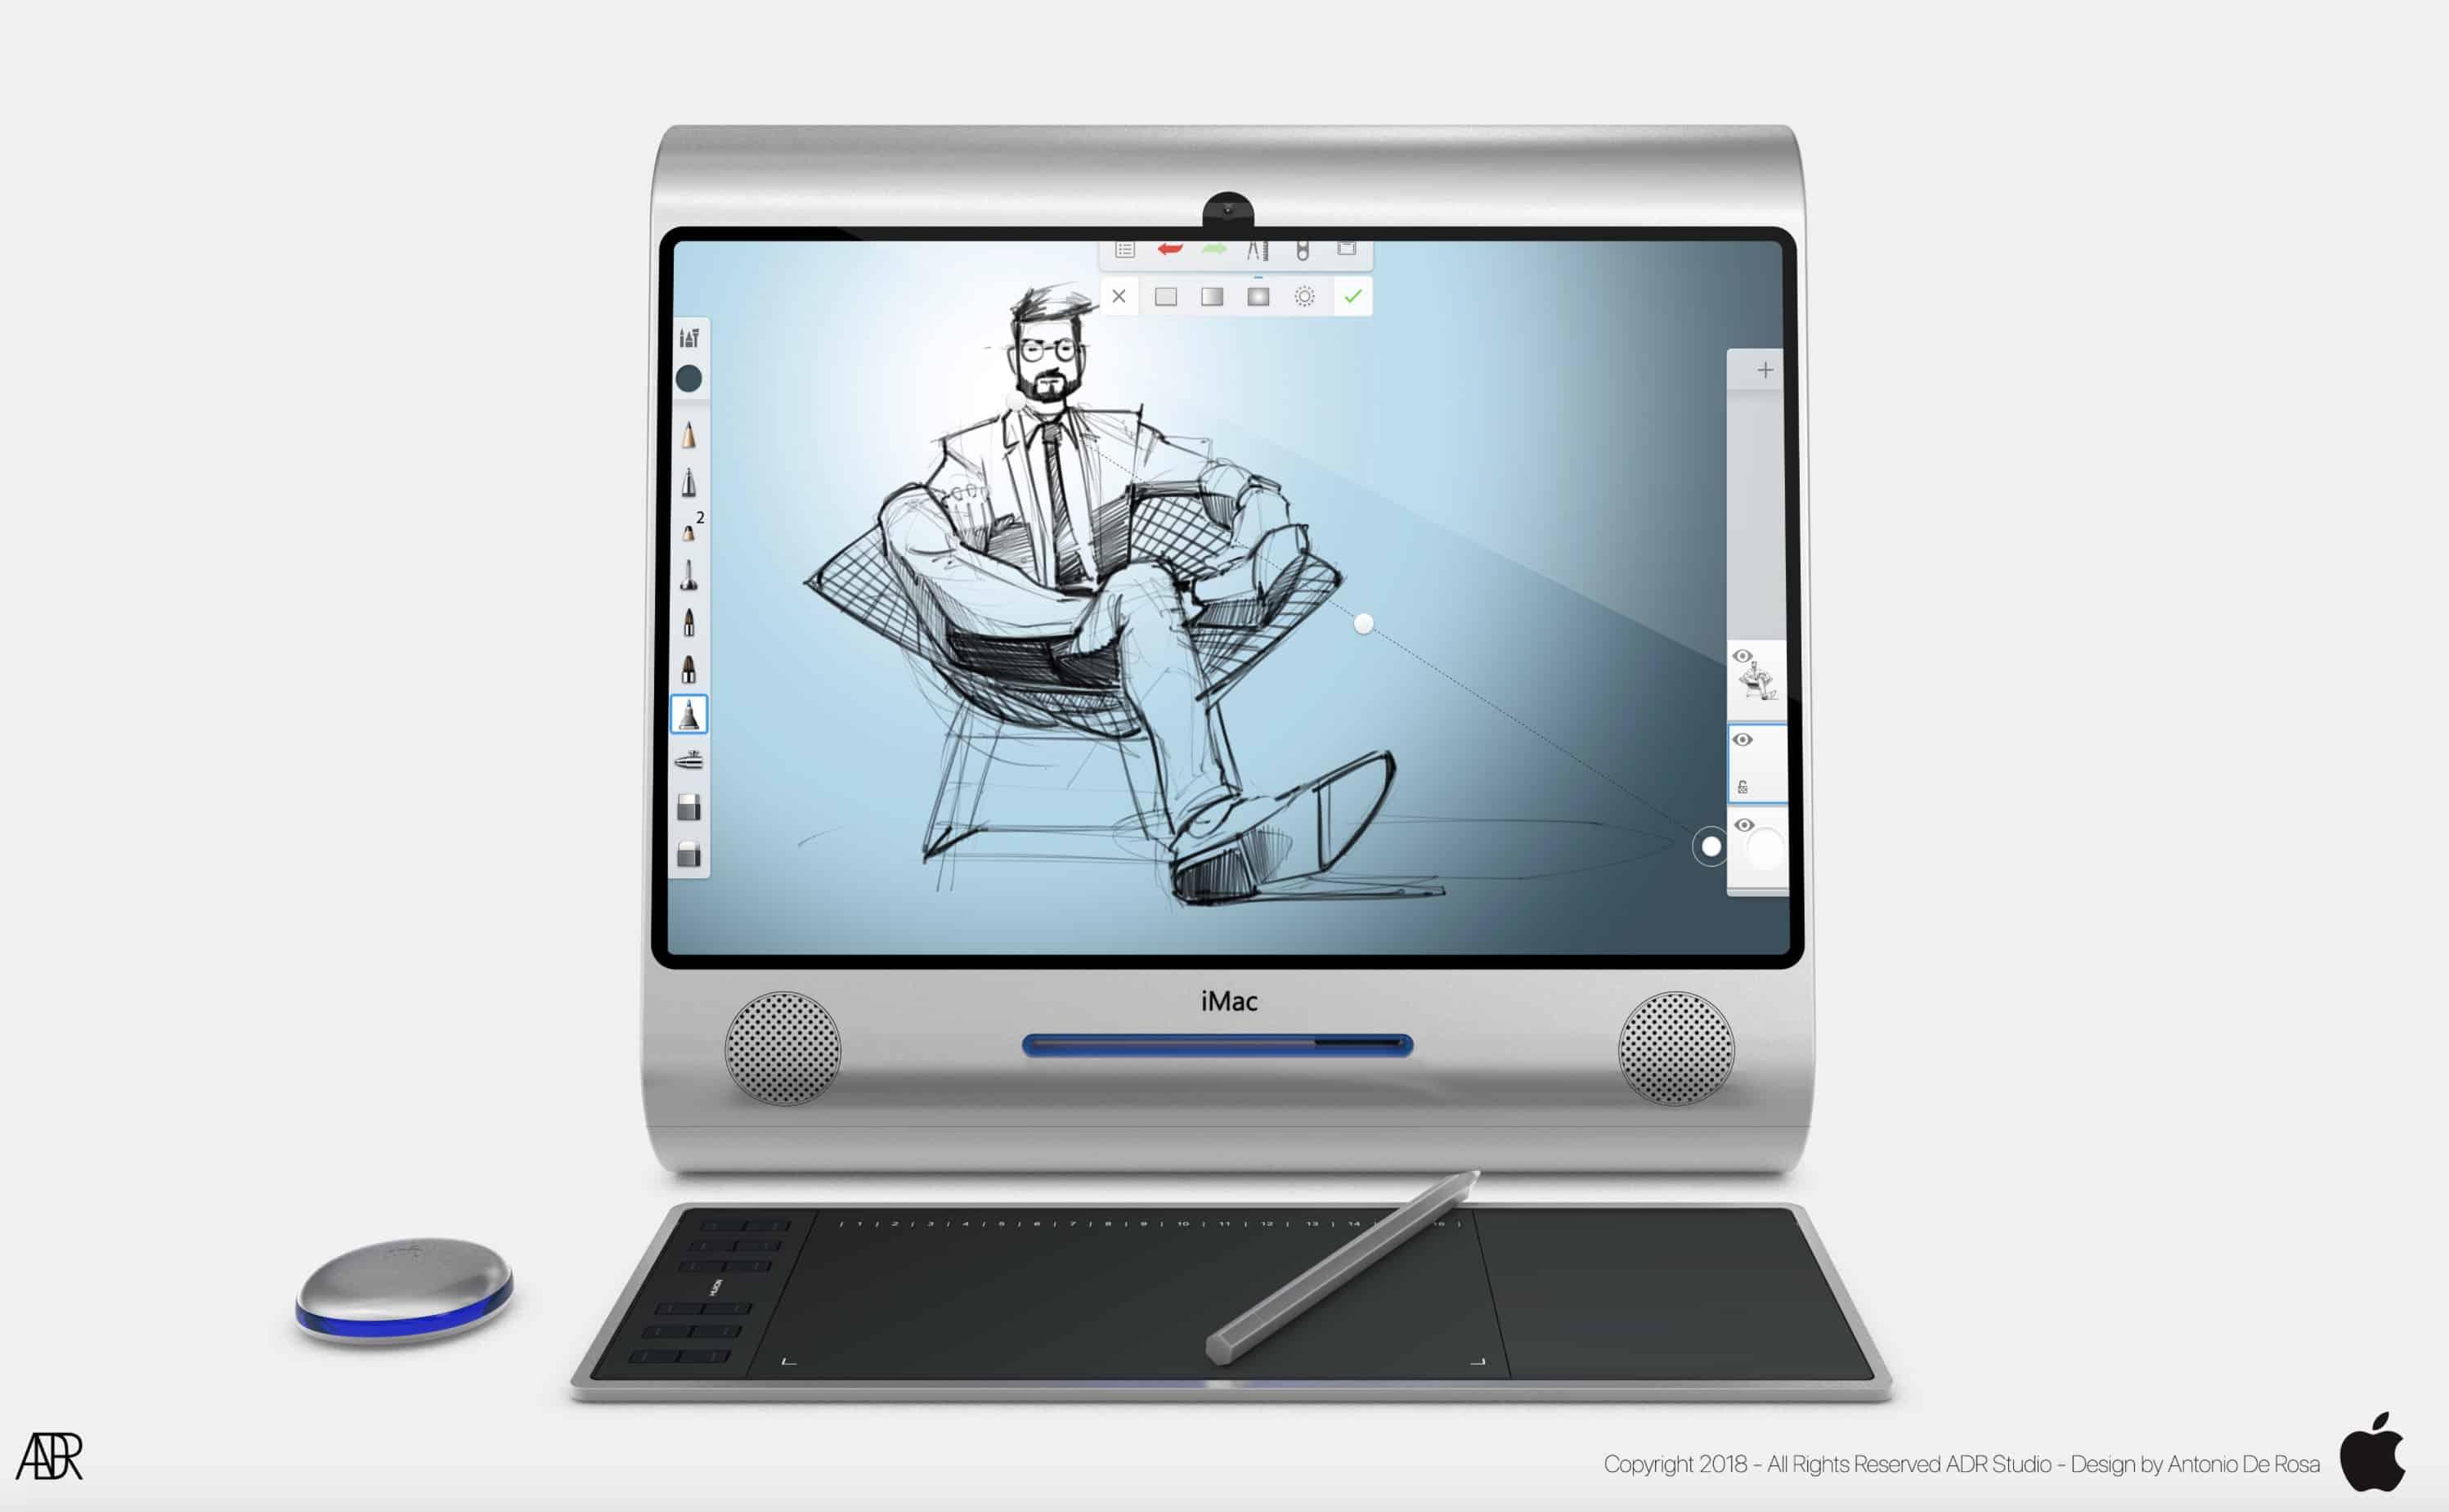 iMac G3 2018 new